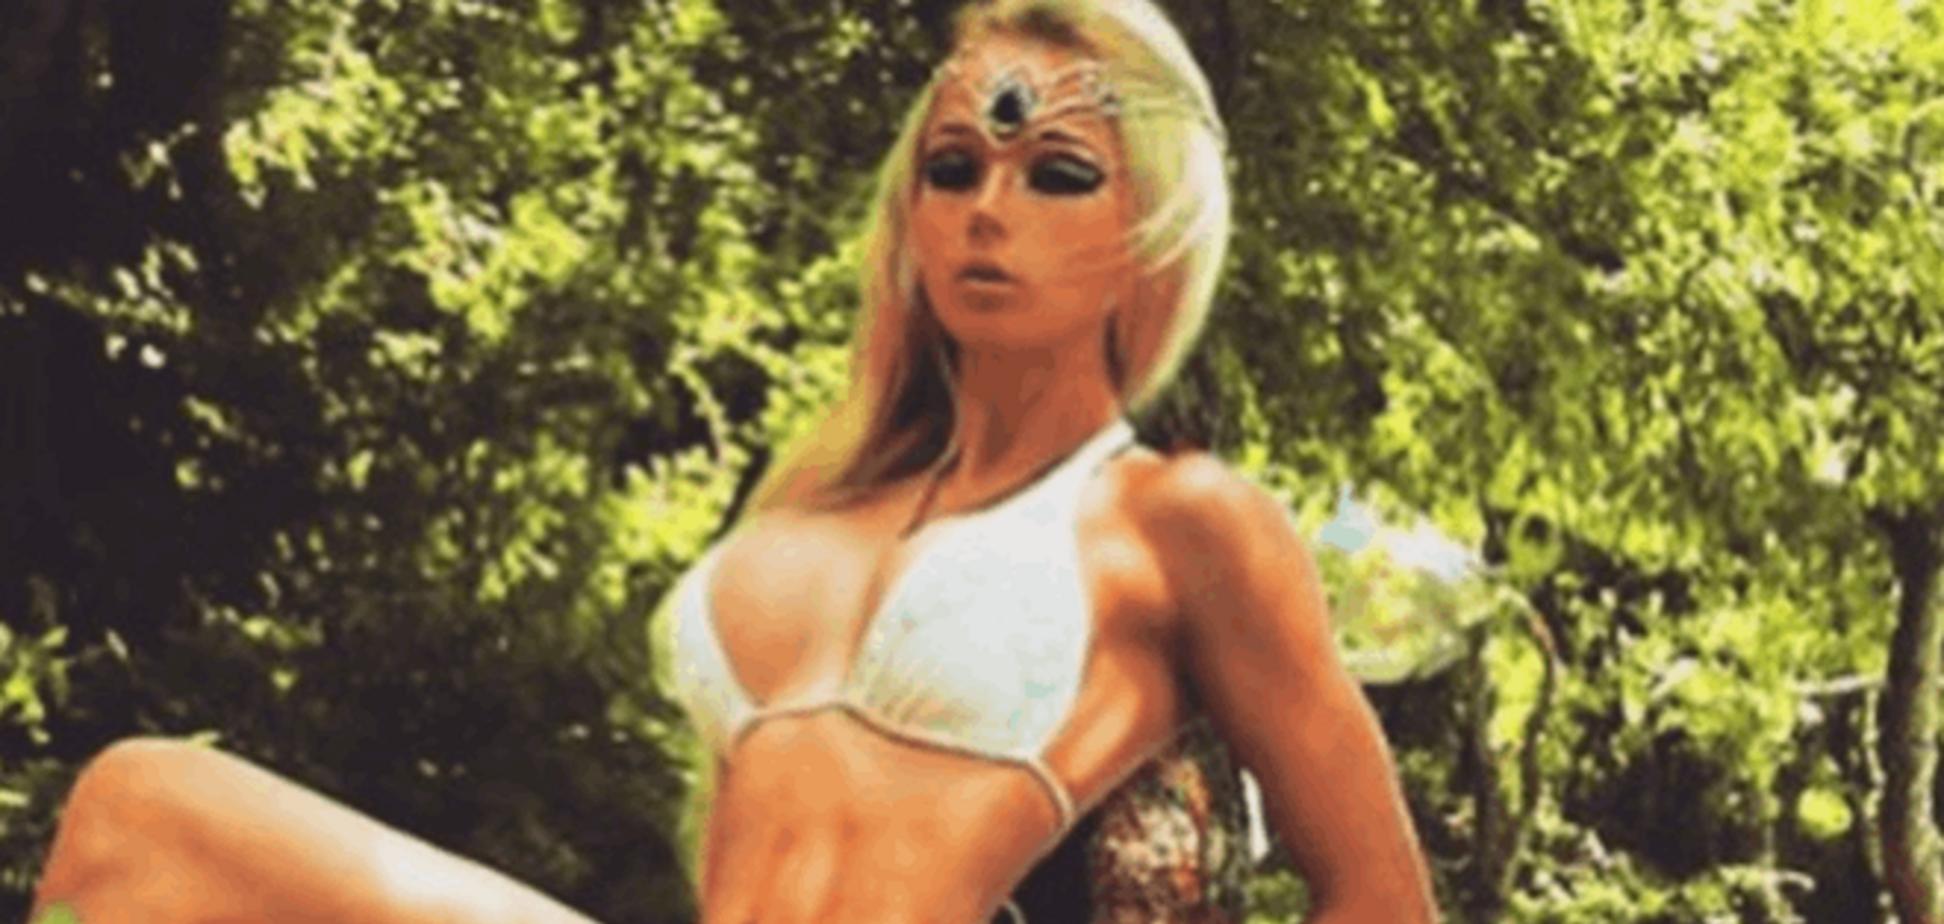 Одесская Барби поделилась секси-фото с отдыха в аннексированном Крыму